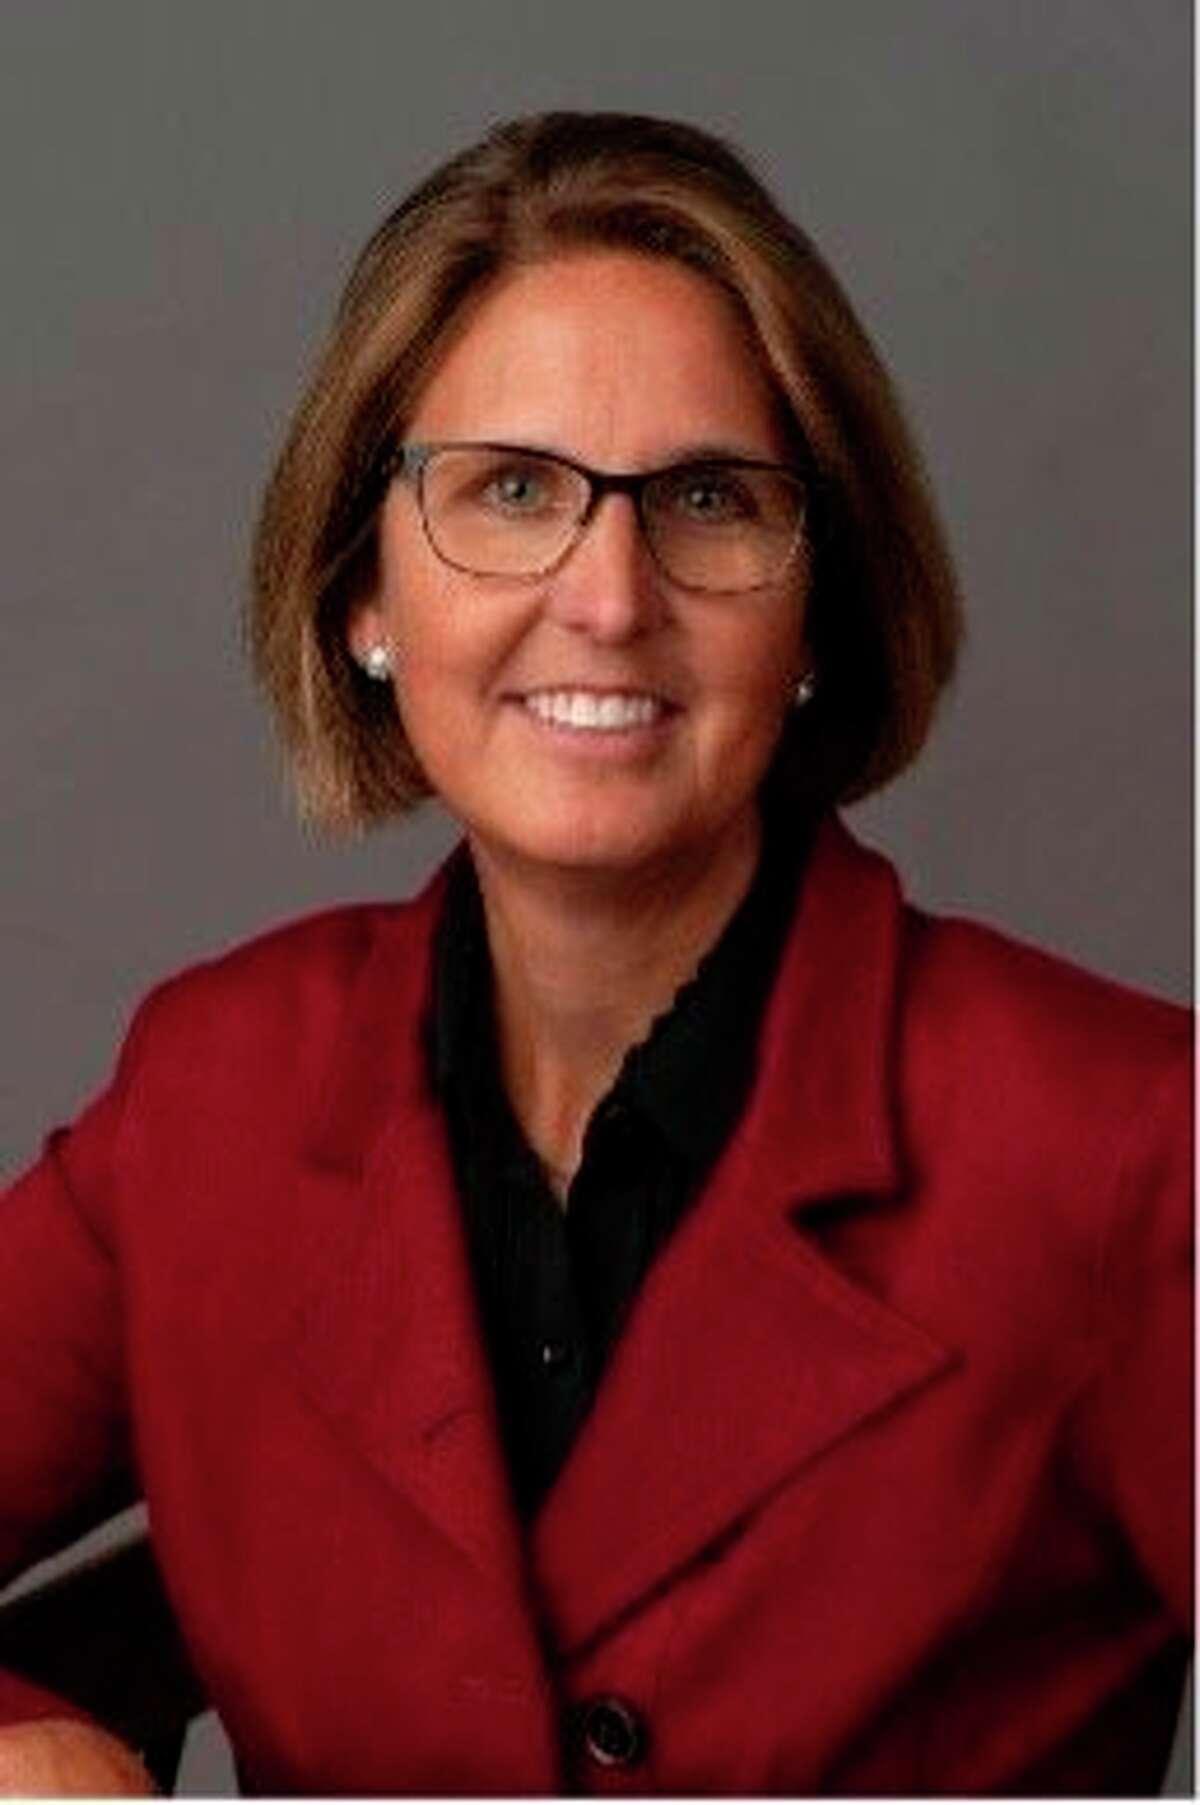 Pamela Singer